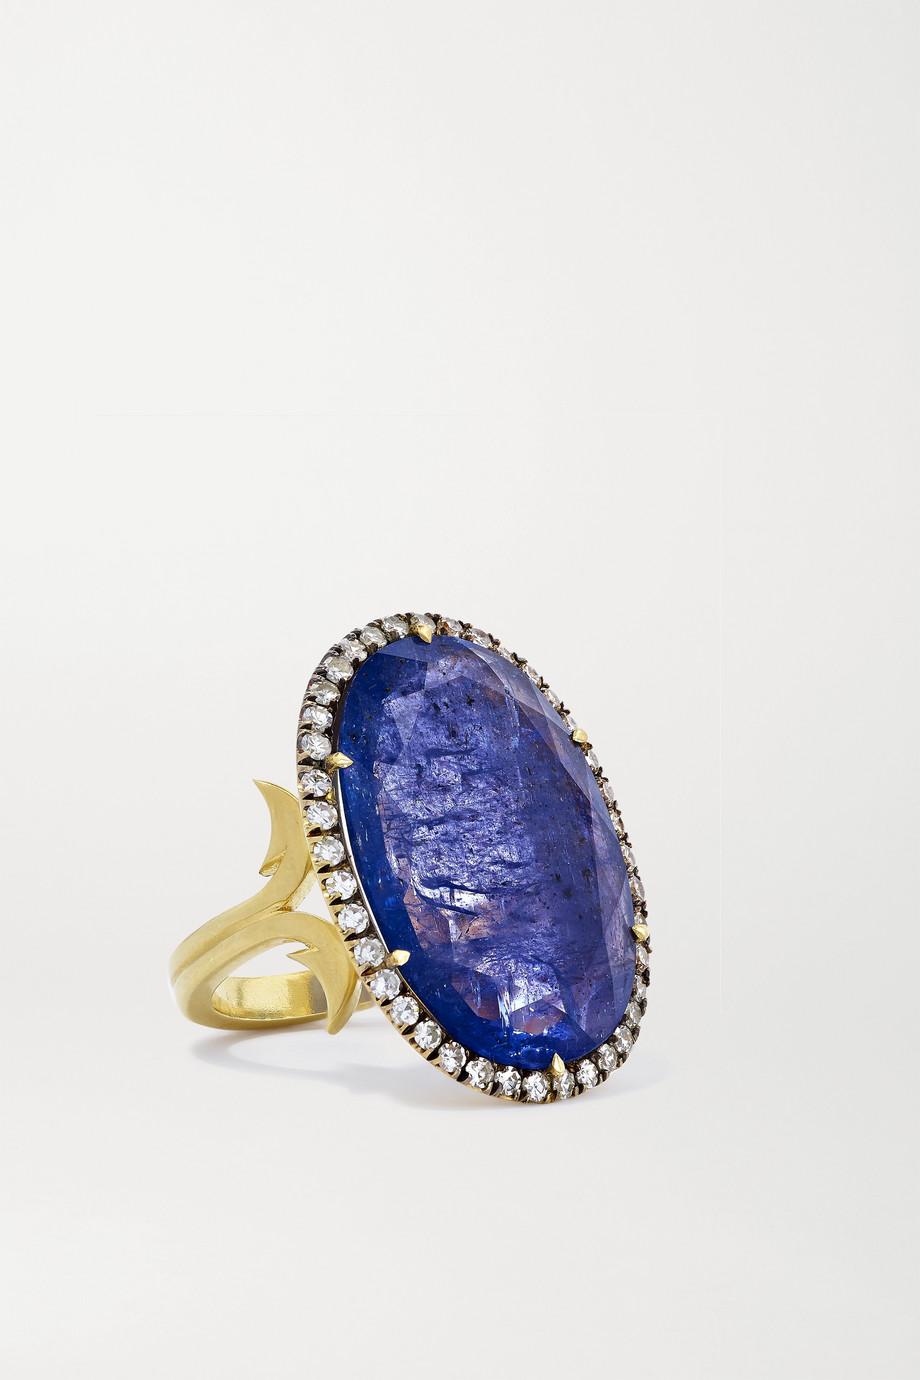 Sylva & Cie Bague en or 18 carats, tanzanite et diamants Decade